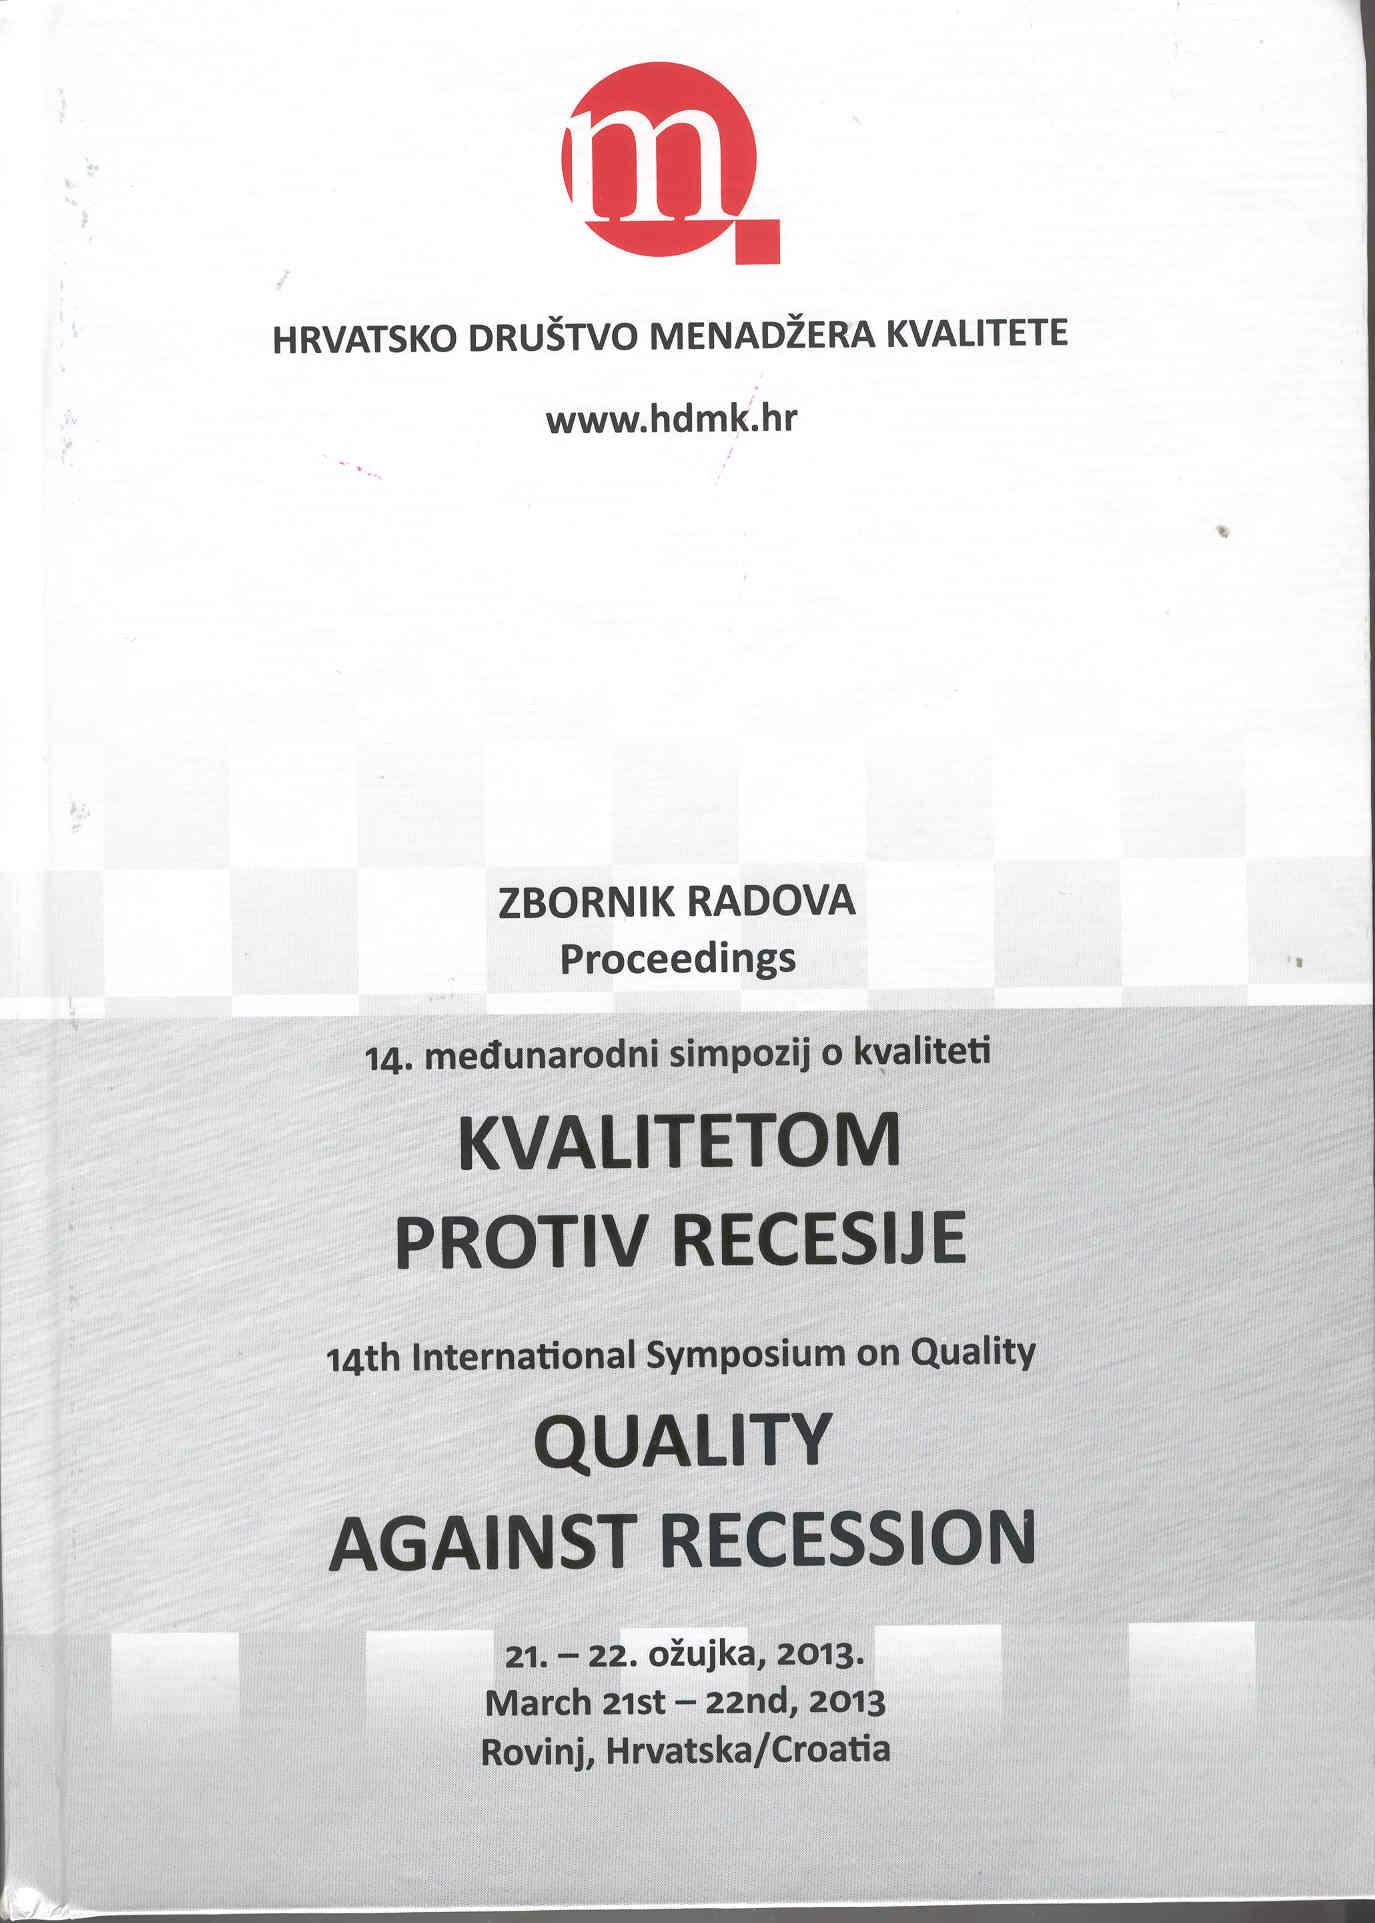 KVALITETOM PROTIV RECESIJE, zbornik radova